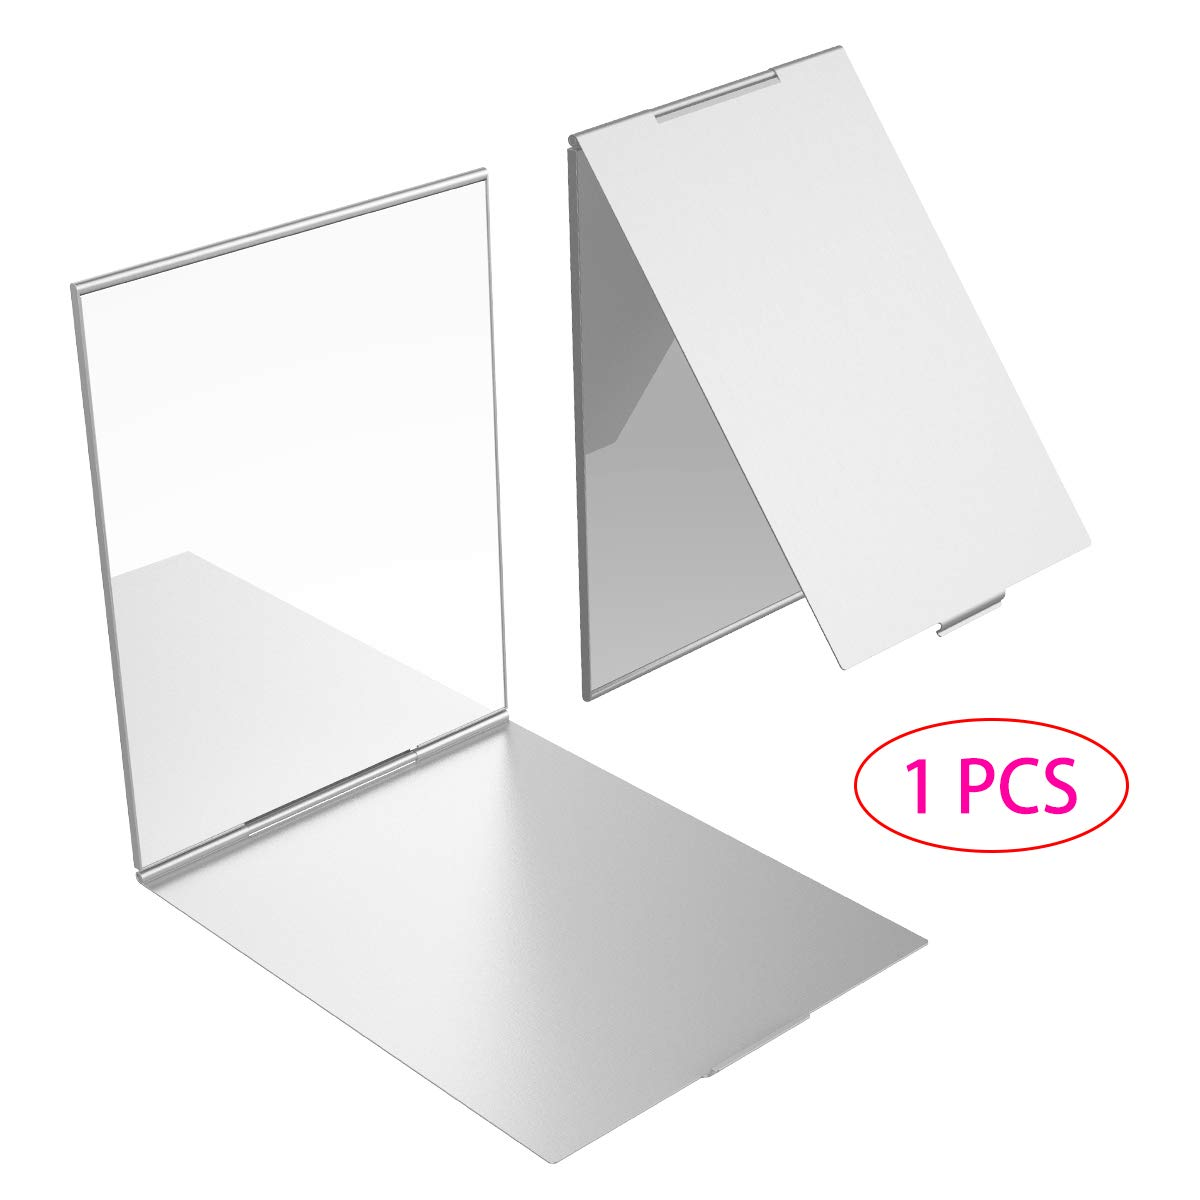 YoungRich Little Travel Mirror Espejo plegable portátil Espejo de maquillaje compacto para maquillaje Peluquería y afeitado 17x13x0.5cm Plata